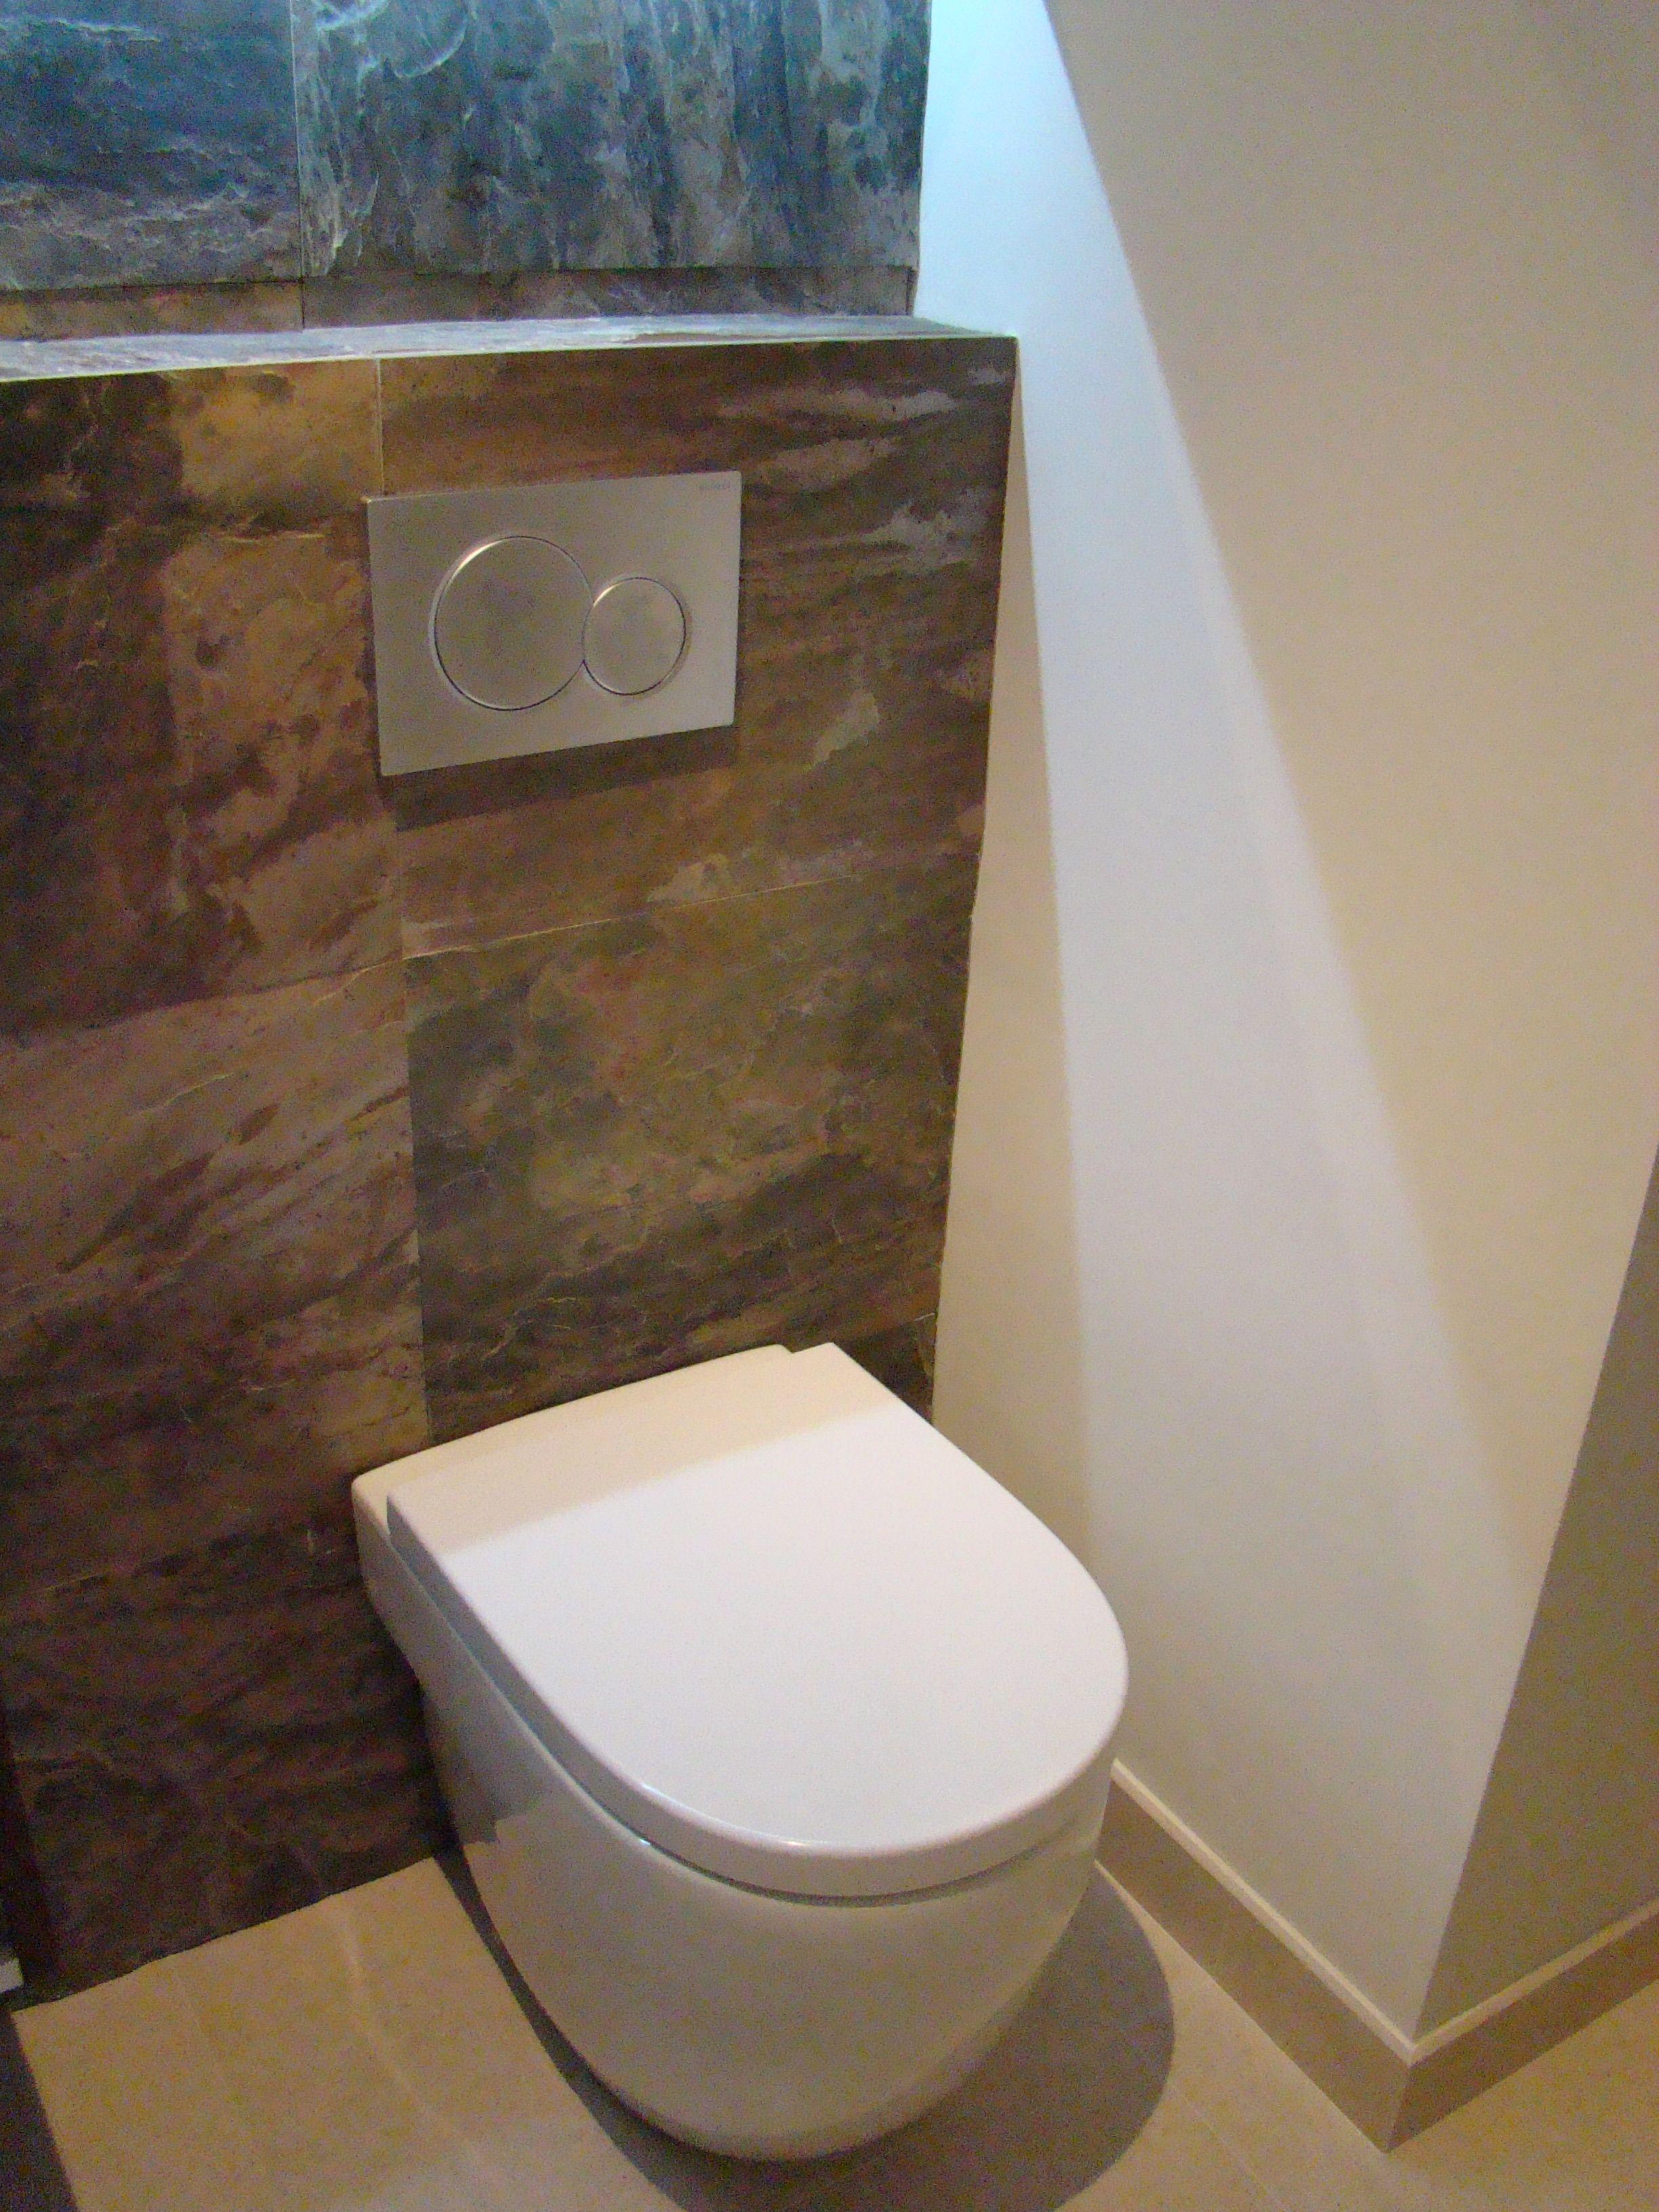 Reforma ba o con sanitario cisterna empotrada y pulsador - Cisterna empotrada ...